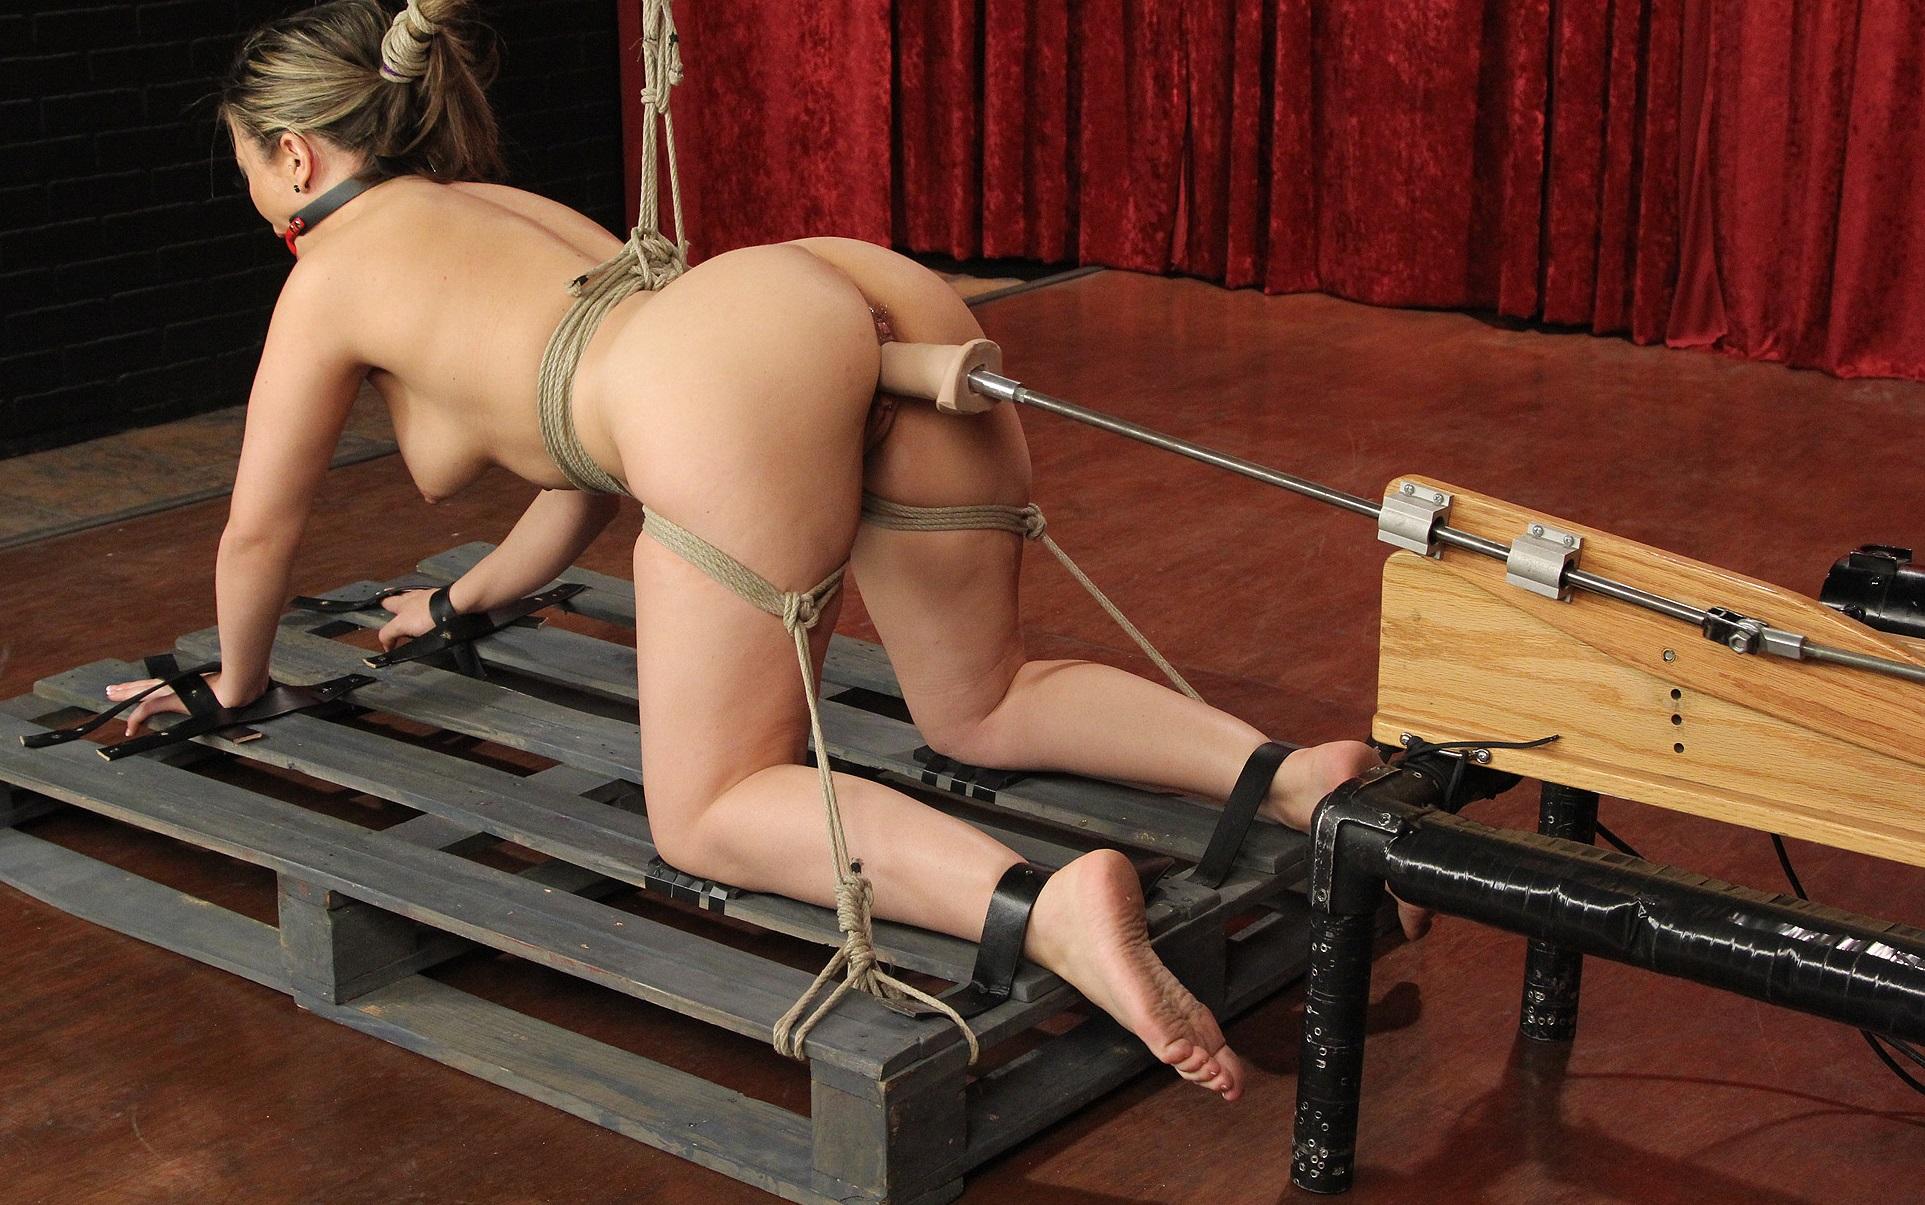 Fucking machines bondage sissy